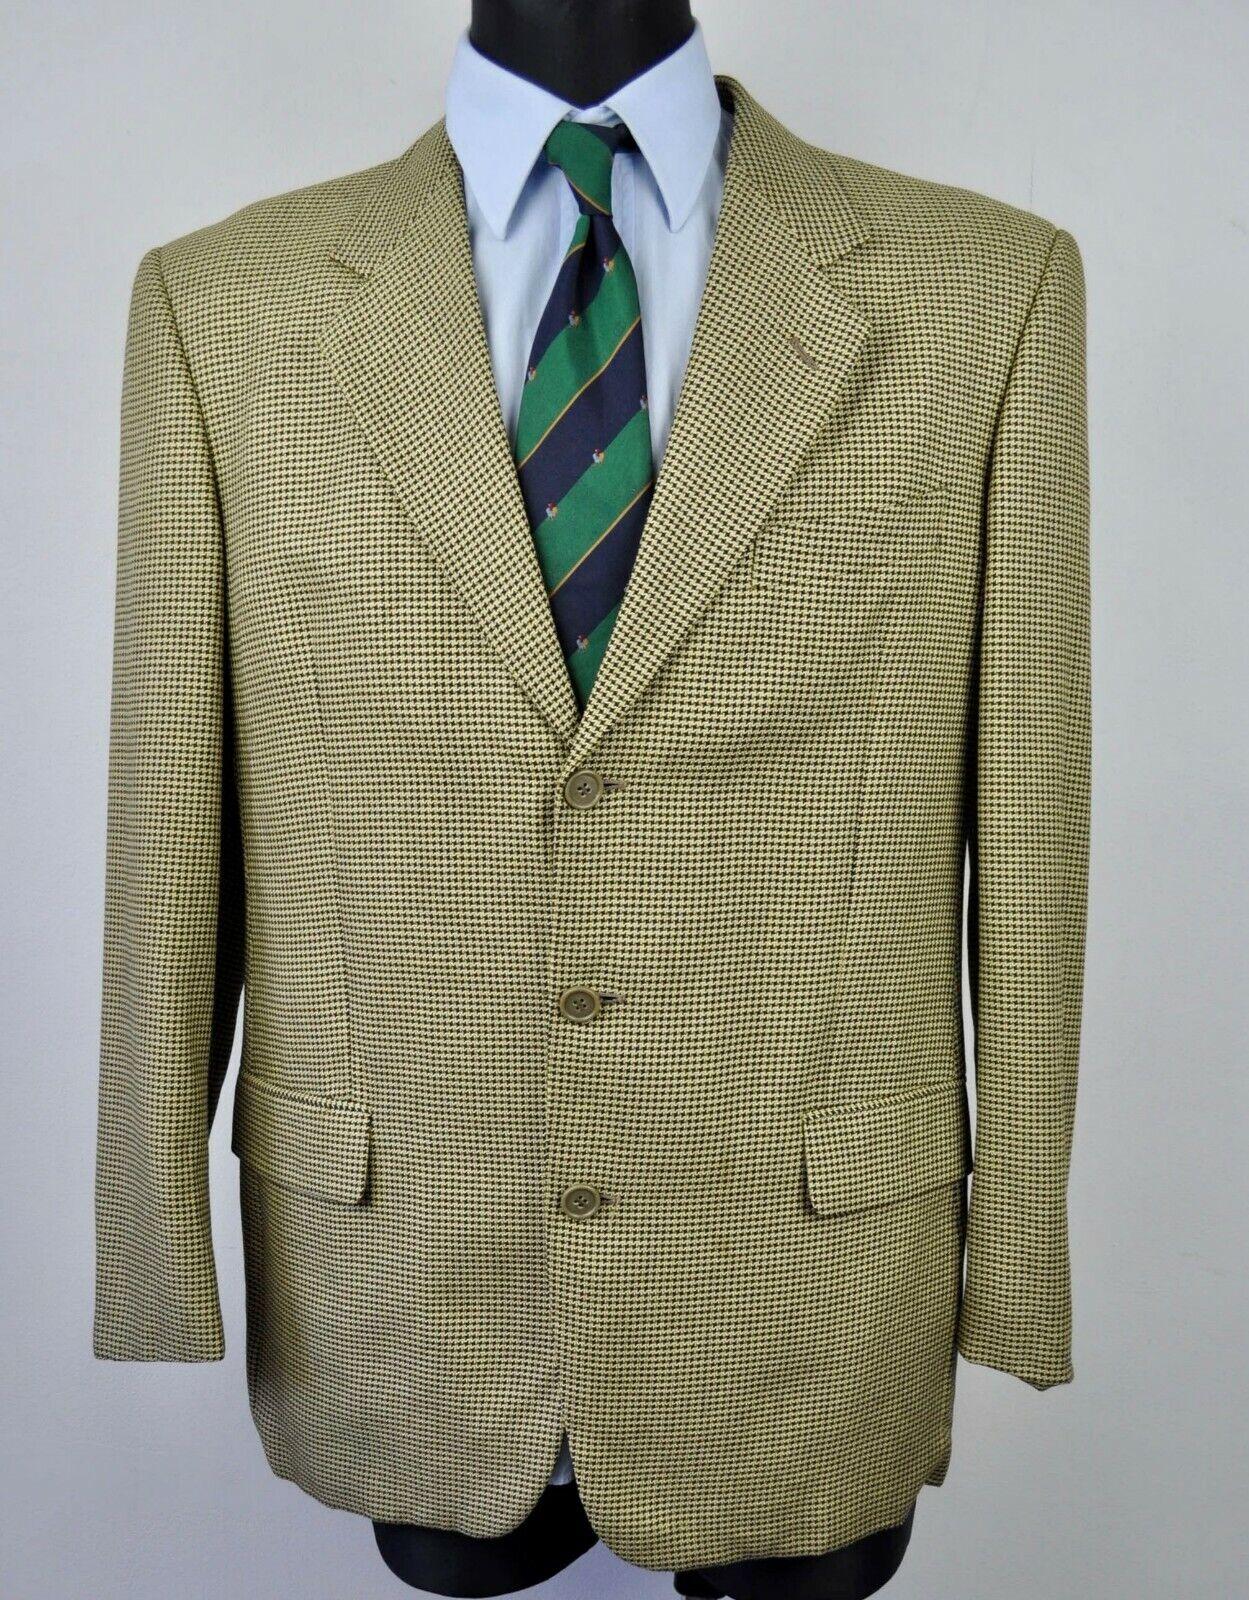 Conte Di Roma seda y lana houdstooth Tweed Reino  Unido 40 Abrigo Chaqueta Traje de 50 euros  echa un vistazo a los más baratos